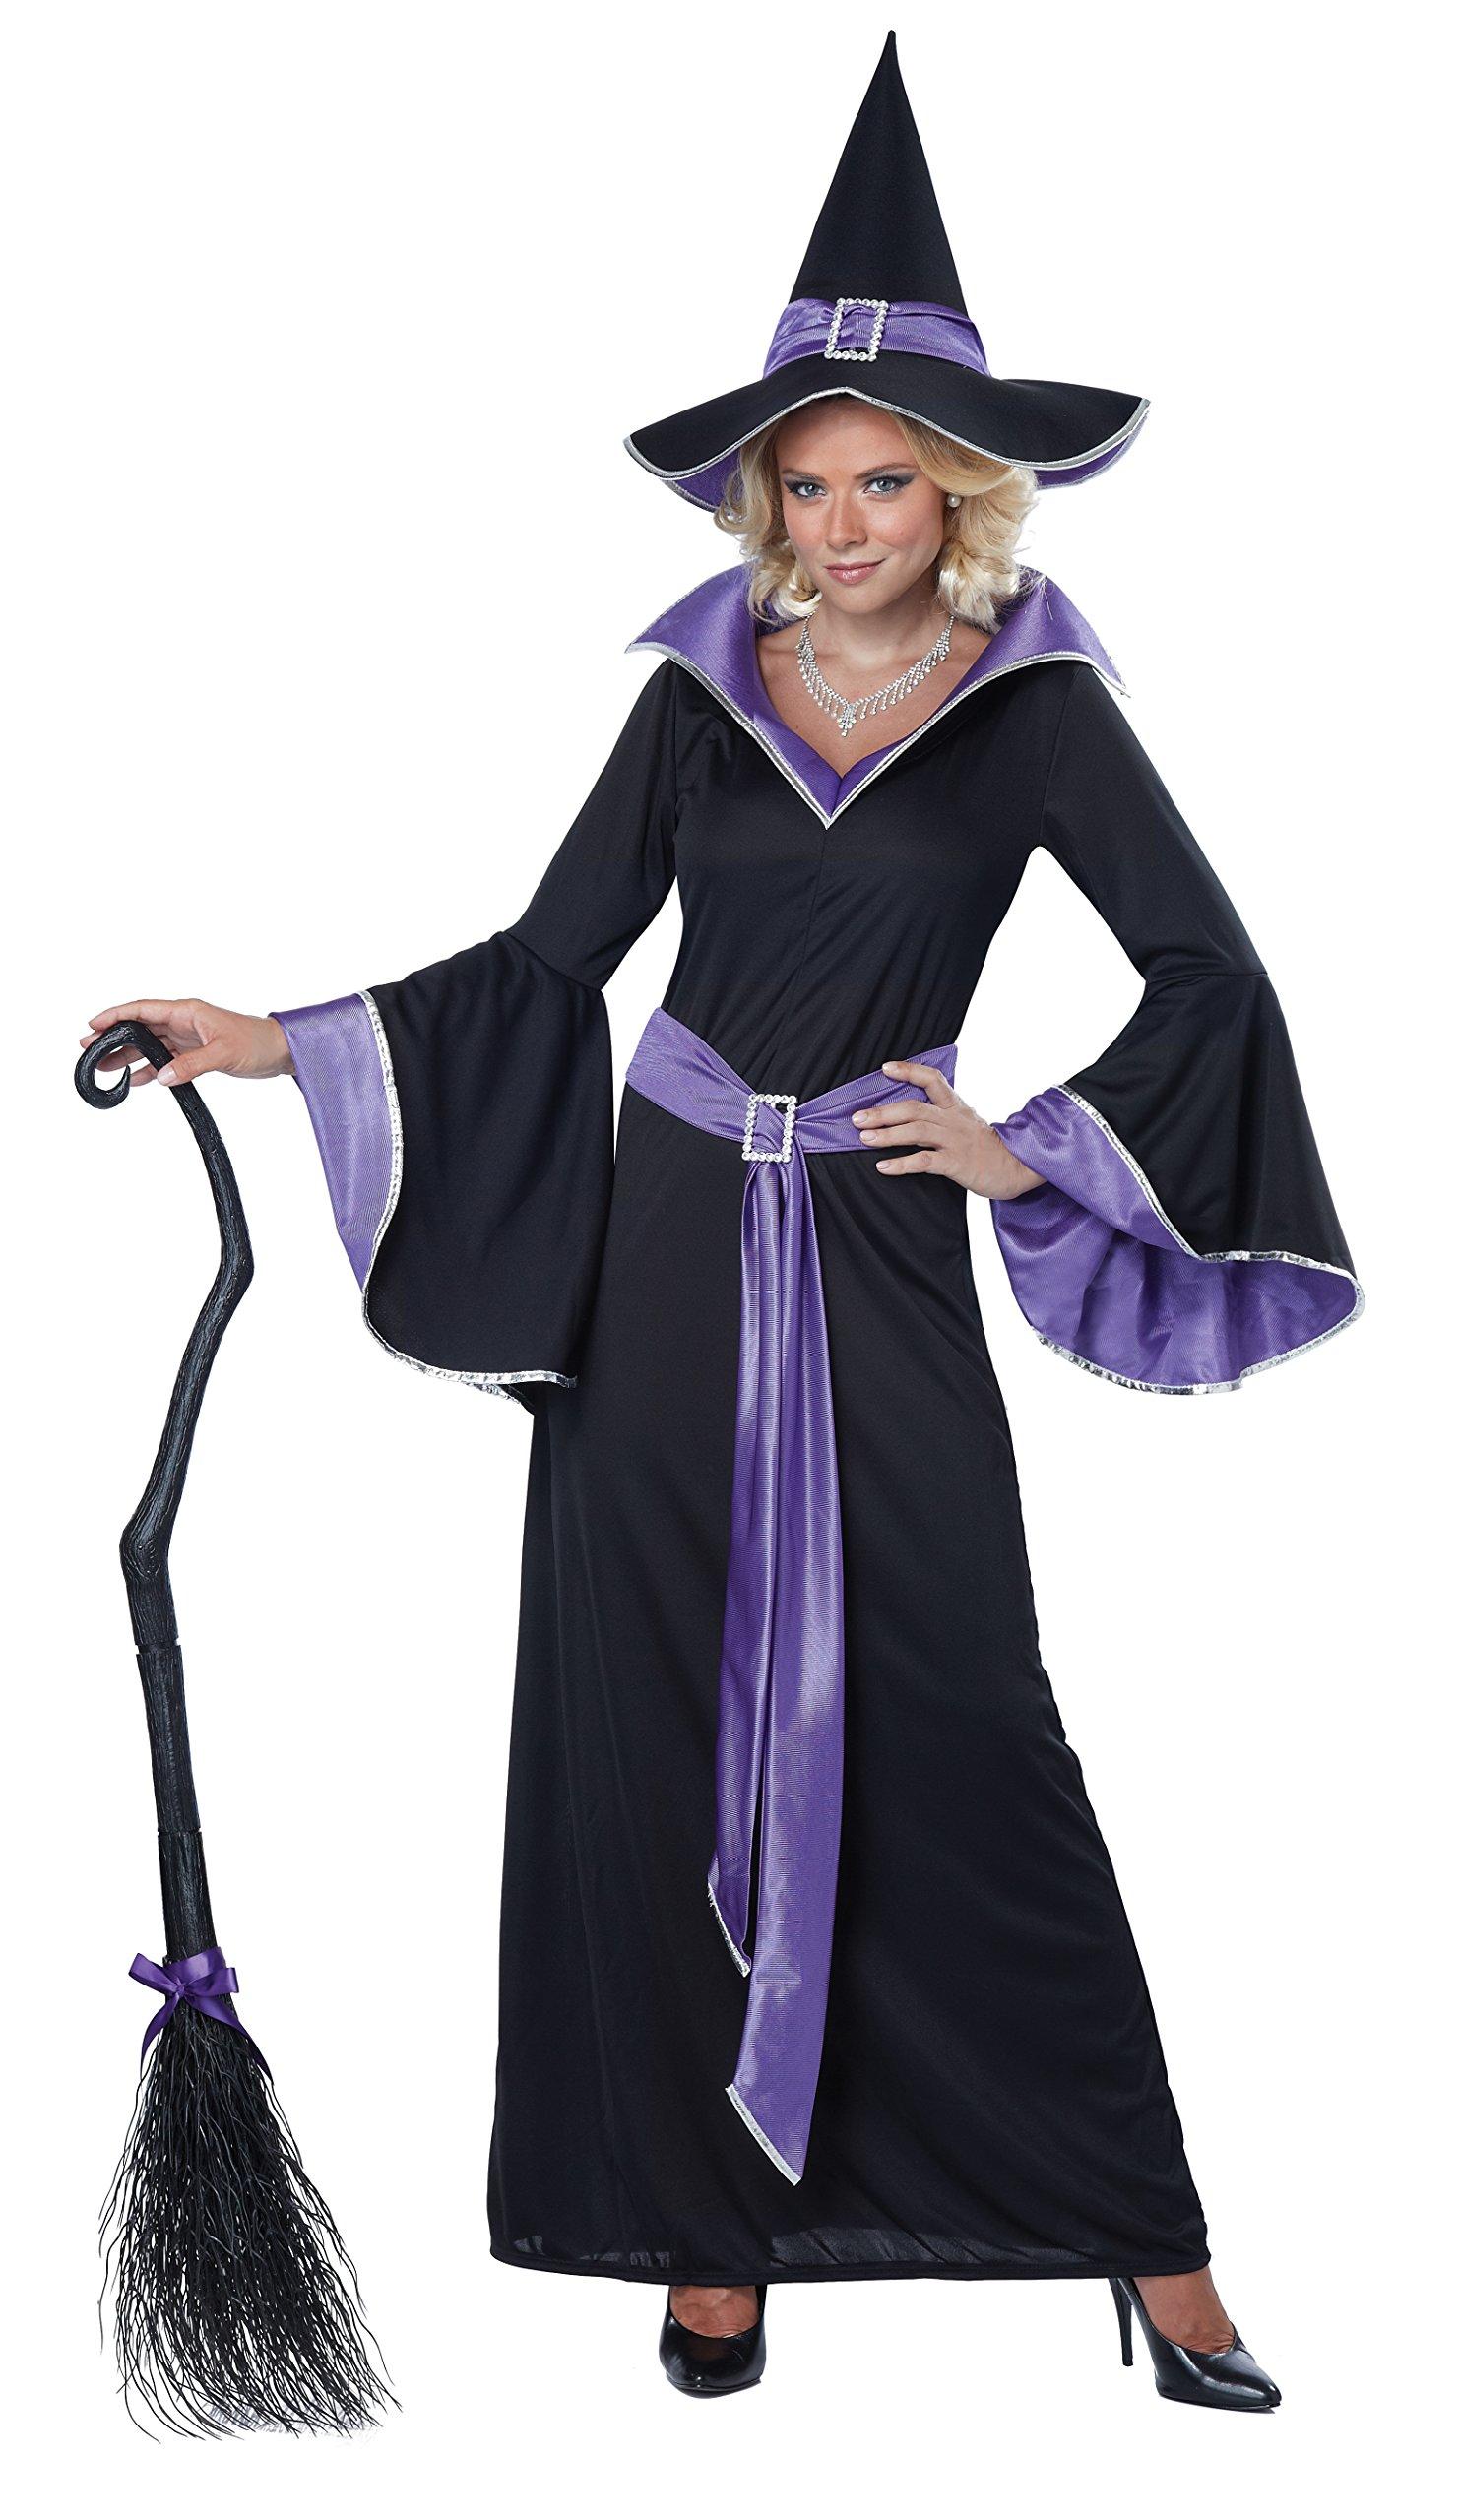 California Costumes Women's Adult Incantasia Witch Costume Broom, Black/Purple, Medium